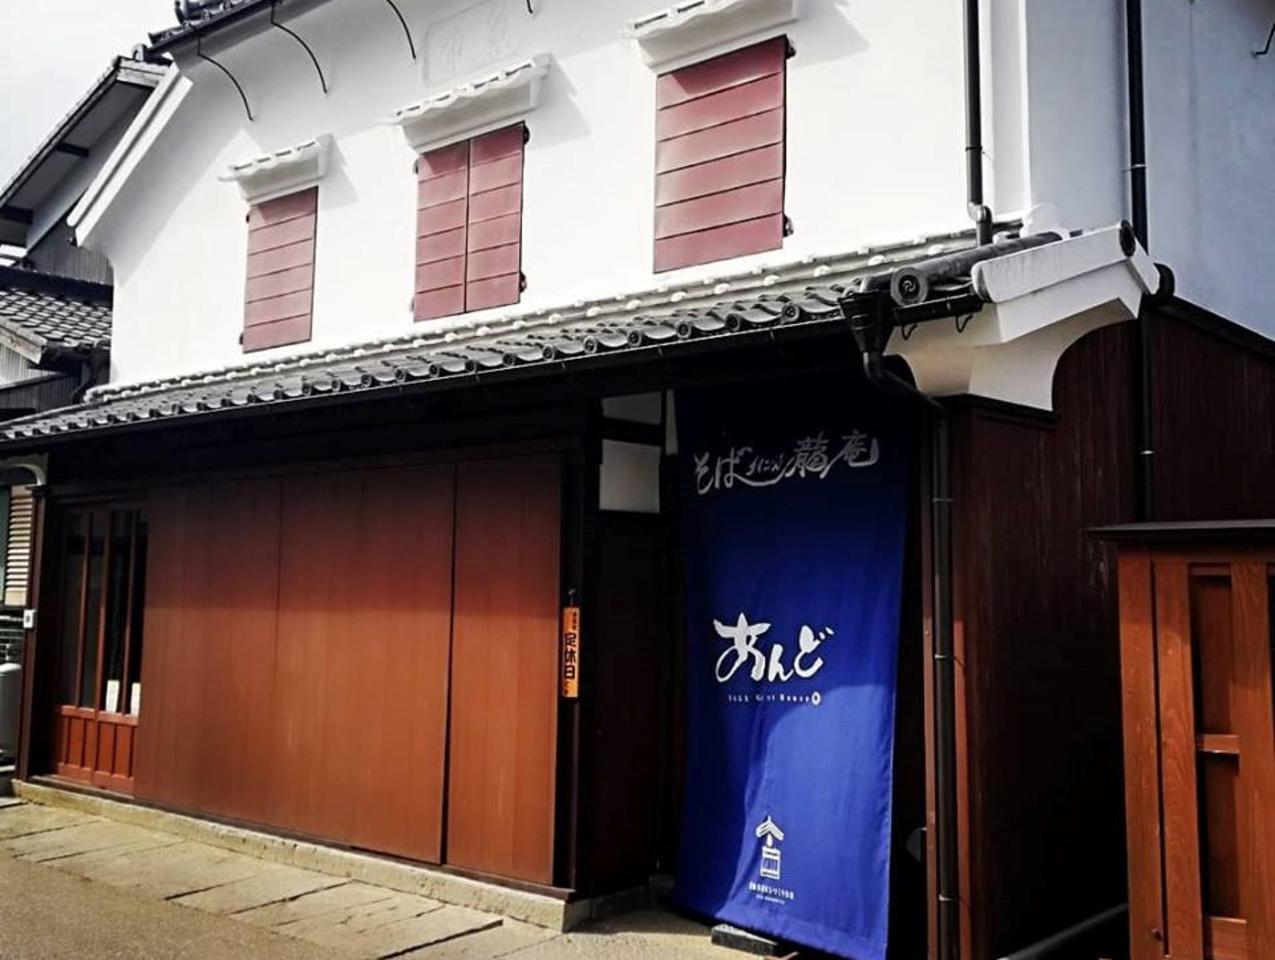 そば屋とゲストハウス...佐賀県鹿島市の肥前浜宿に「そばダイニング龍庵とゲストハウス」プレオープン